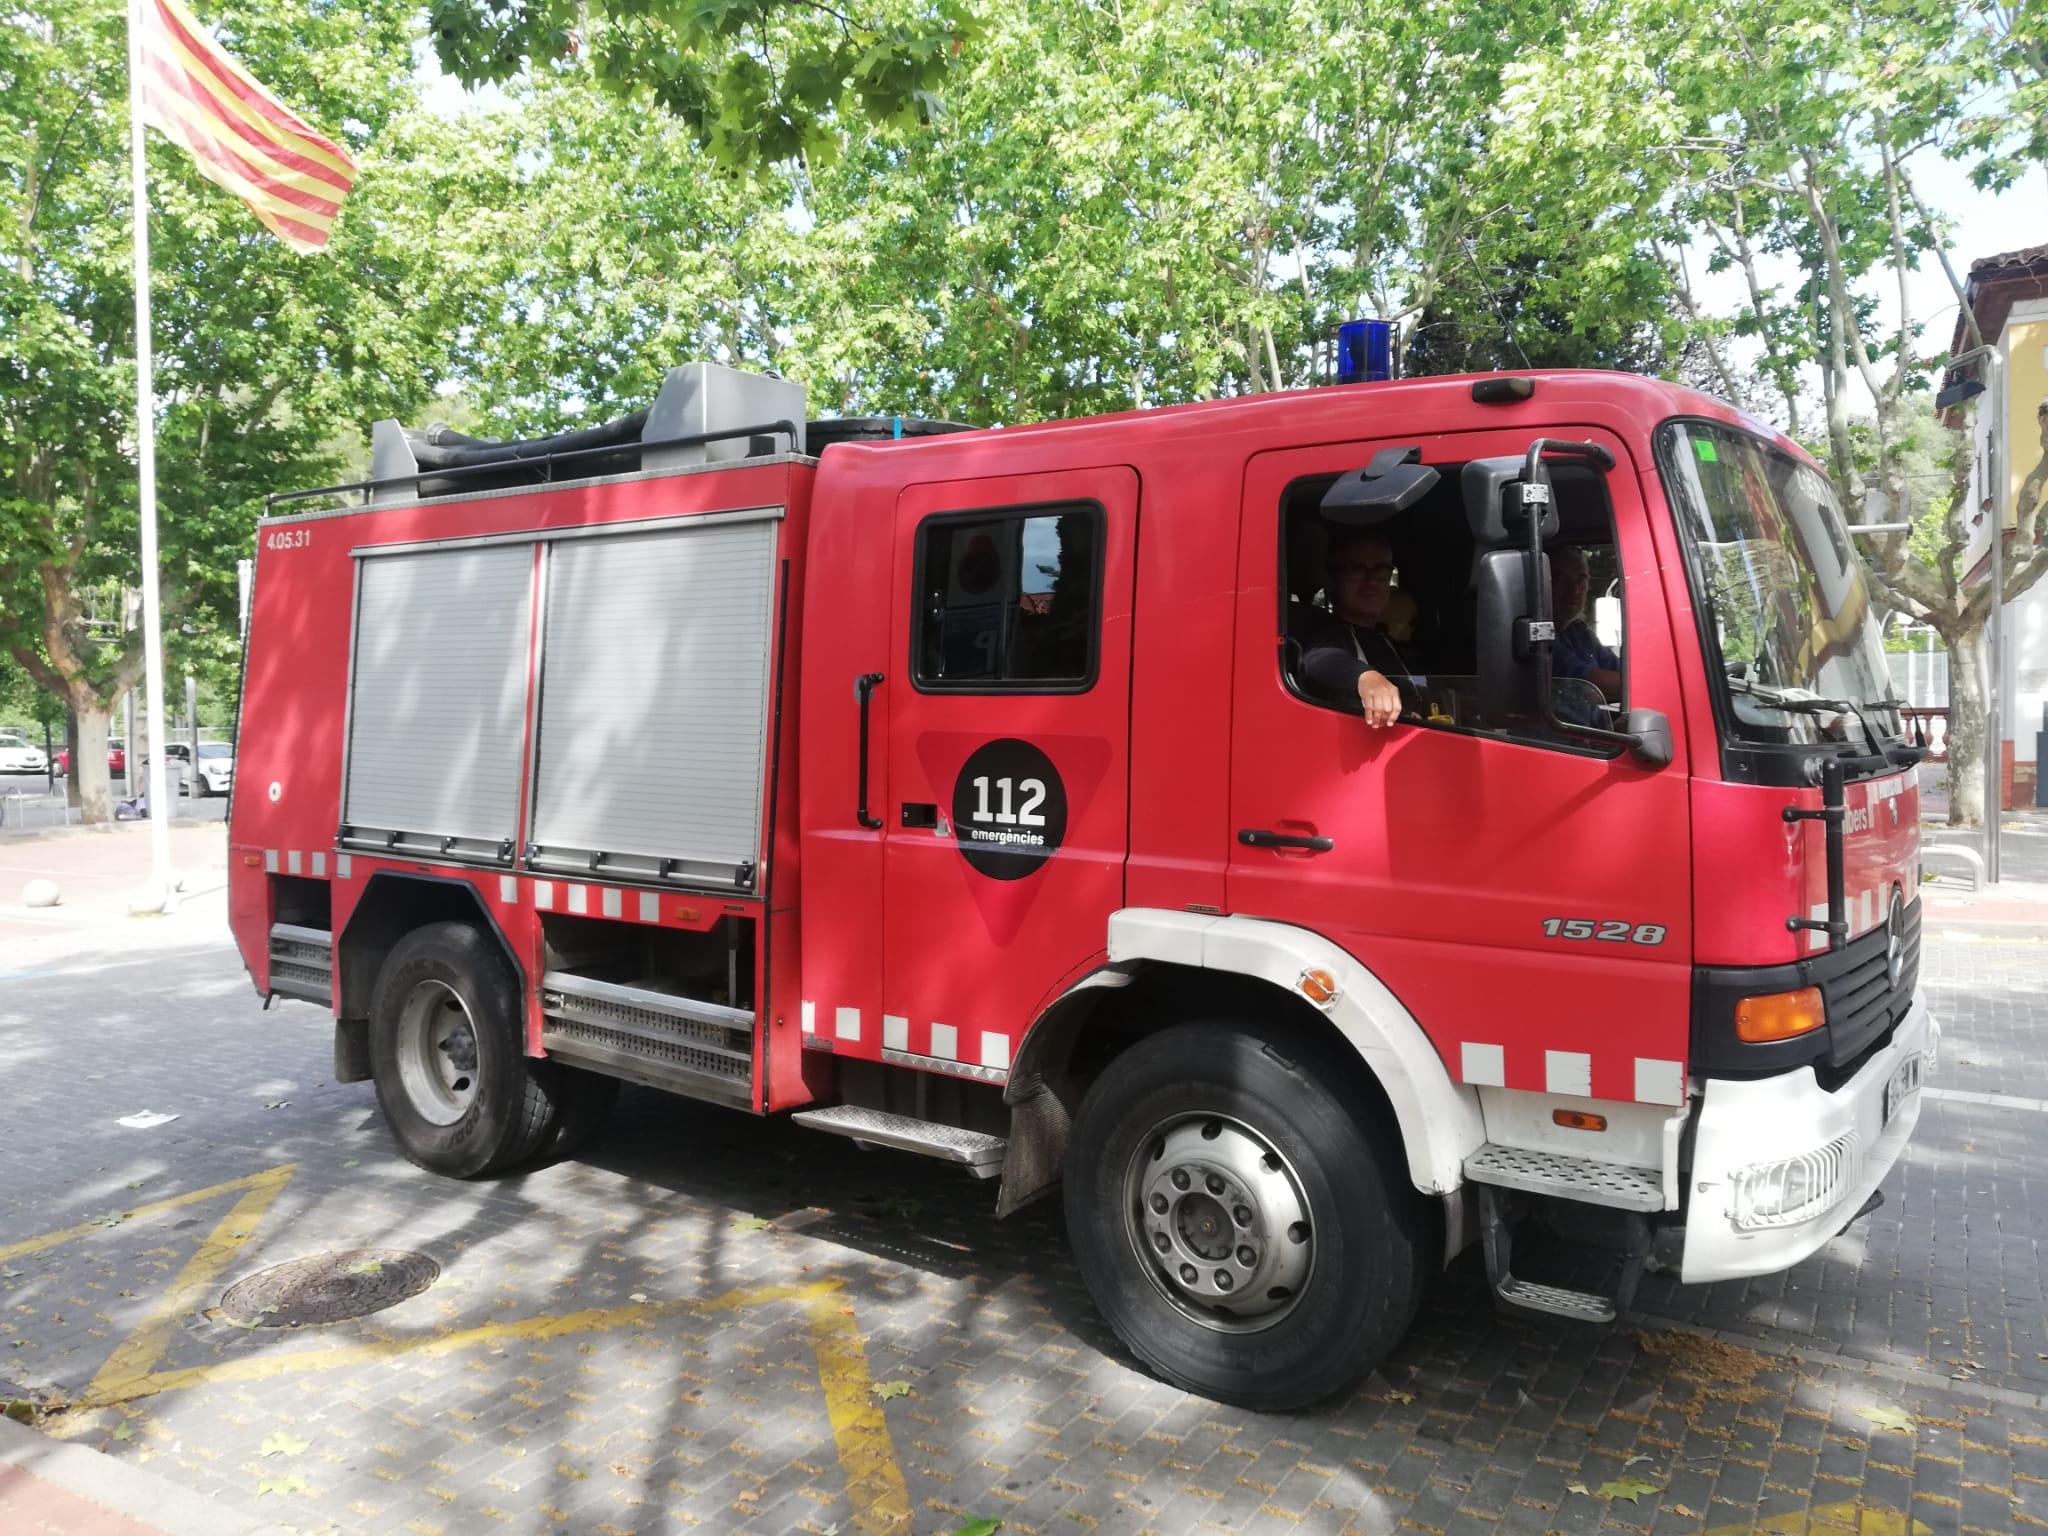 Camió de Bombers de la Generalitat a la plaça del Pi | Toni Alfaro